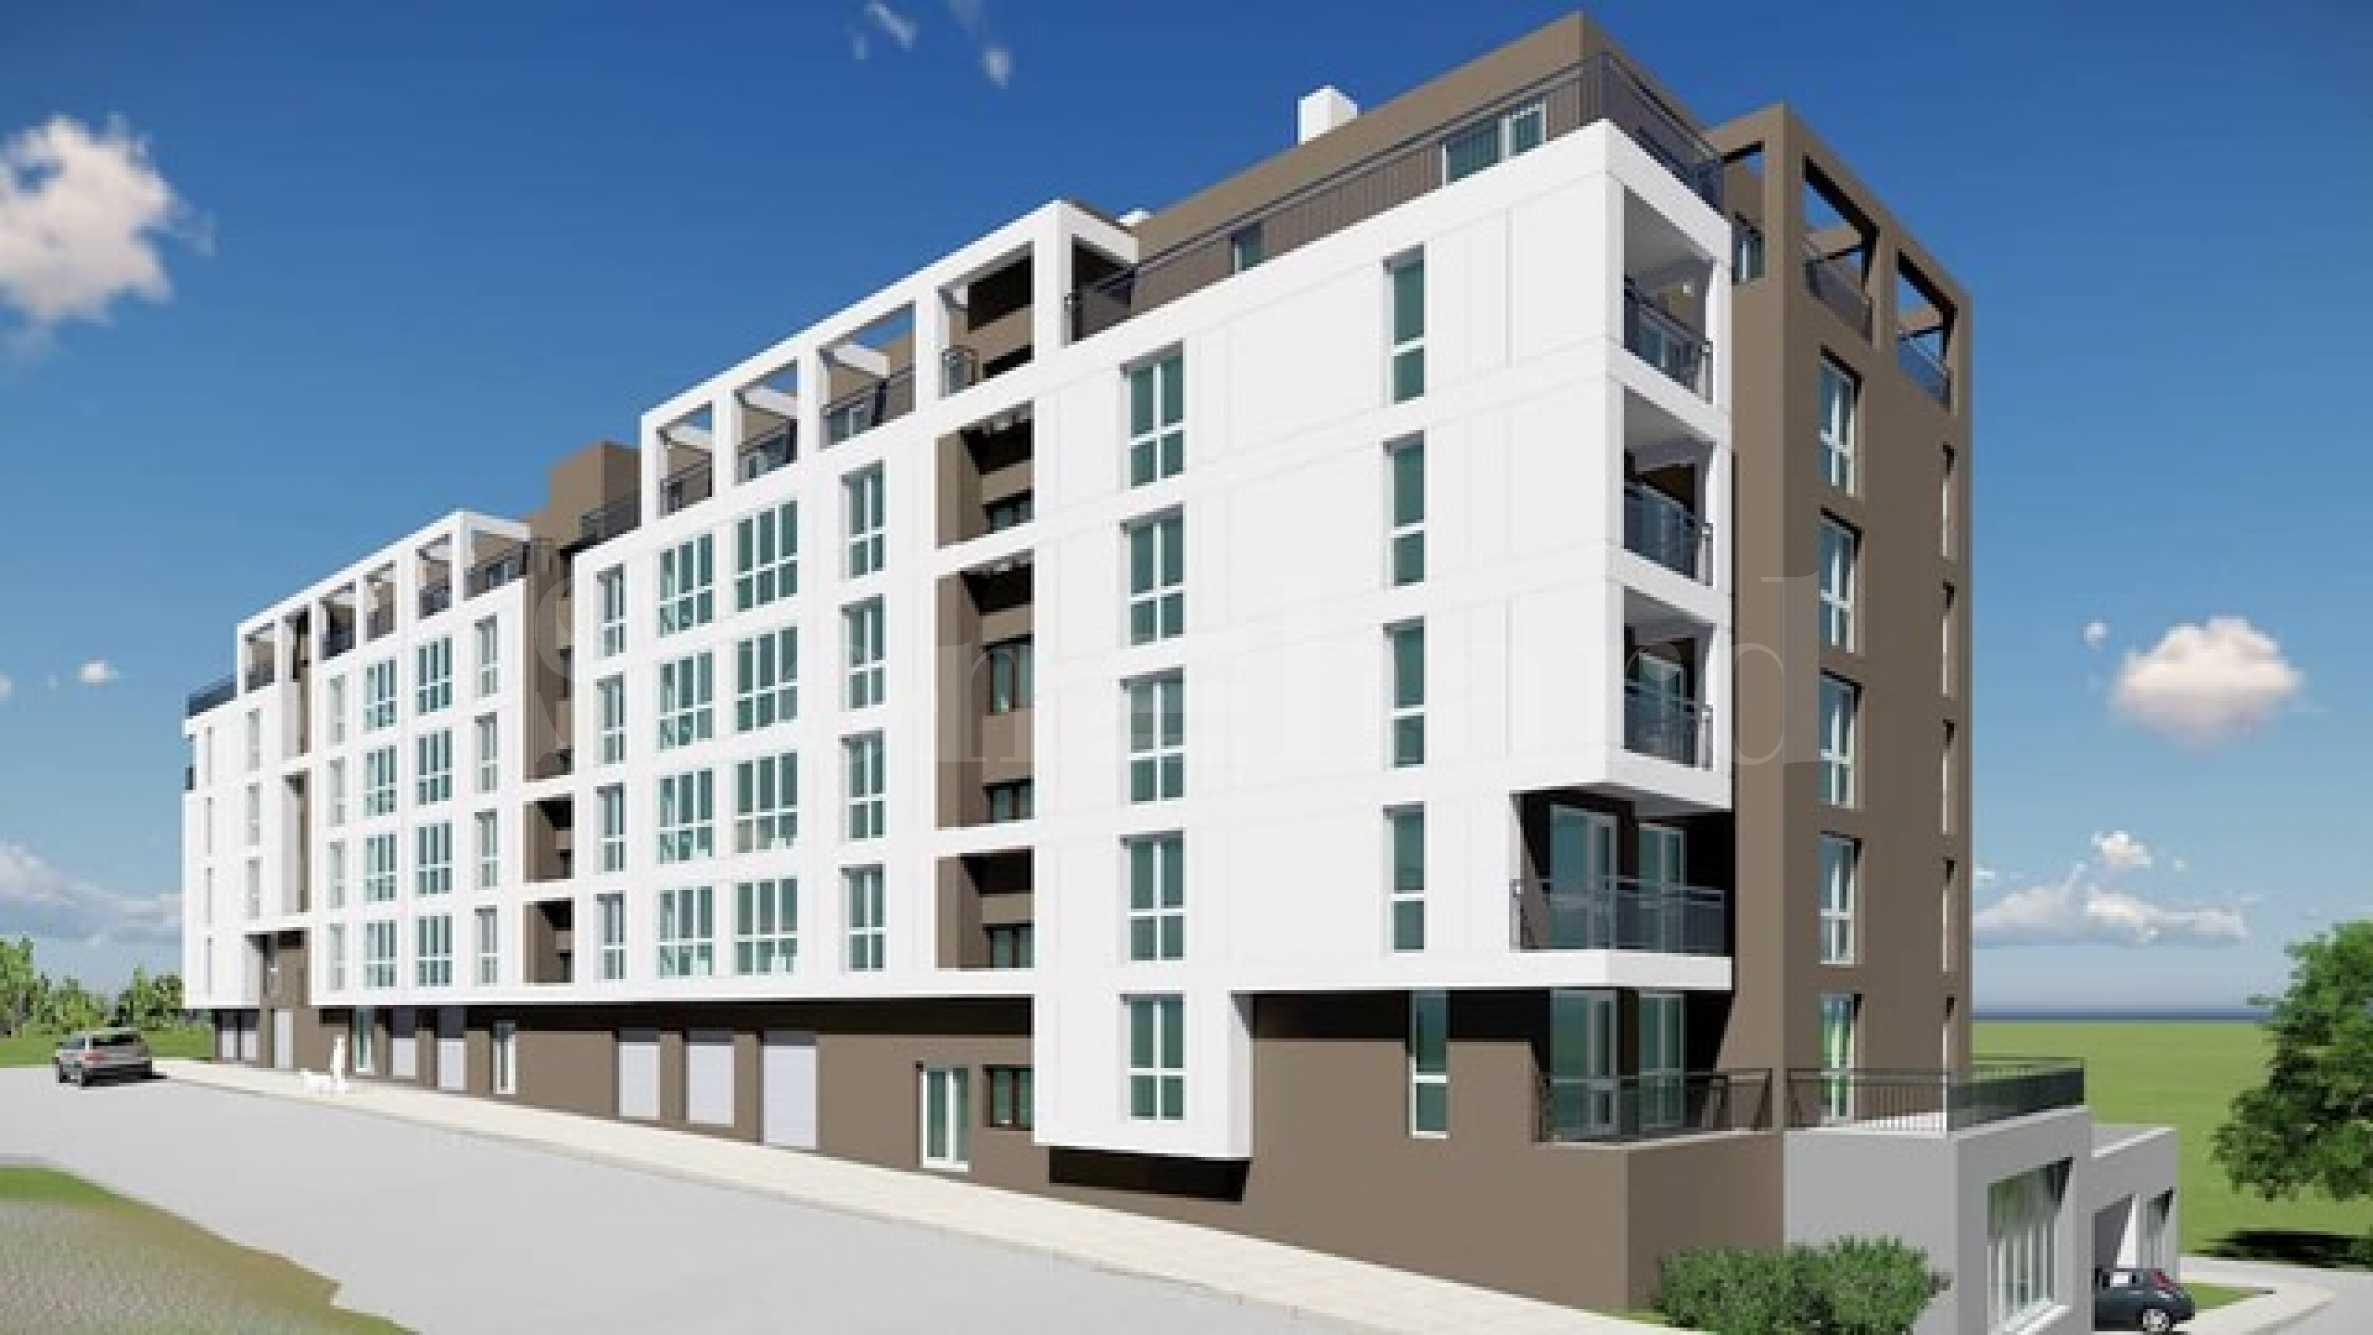 Нов комплекс с контролиран достъп до паркове и удобства в кв. Картала 2 - Stonehard